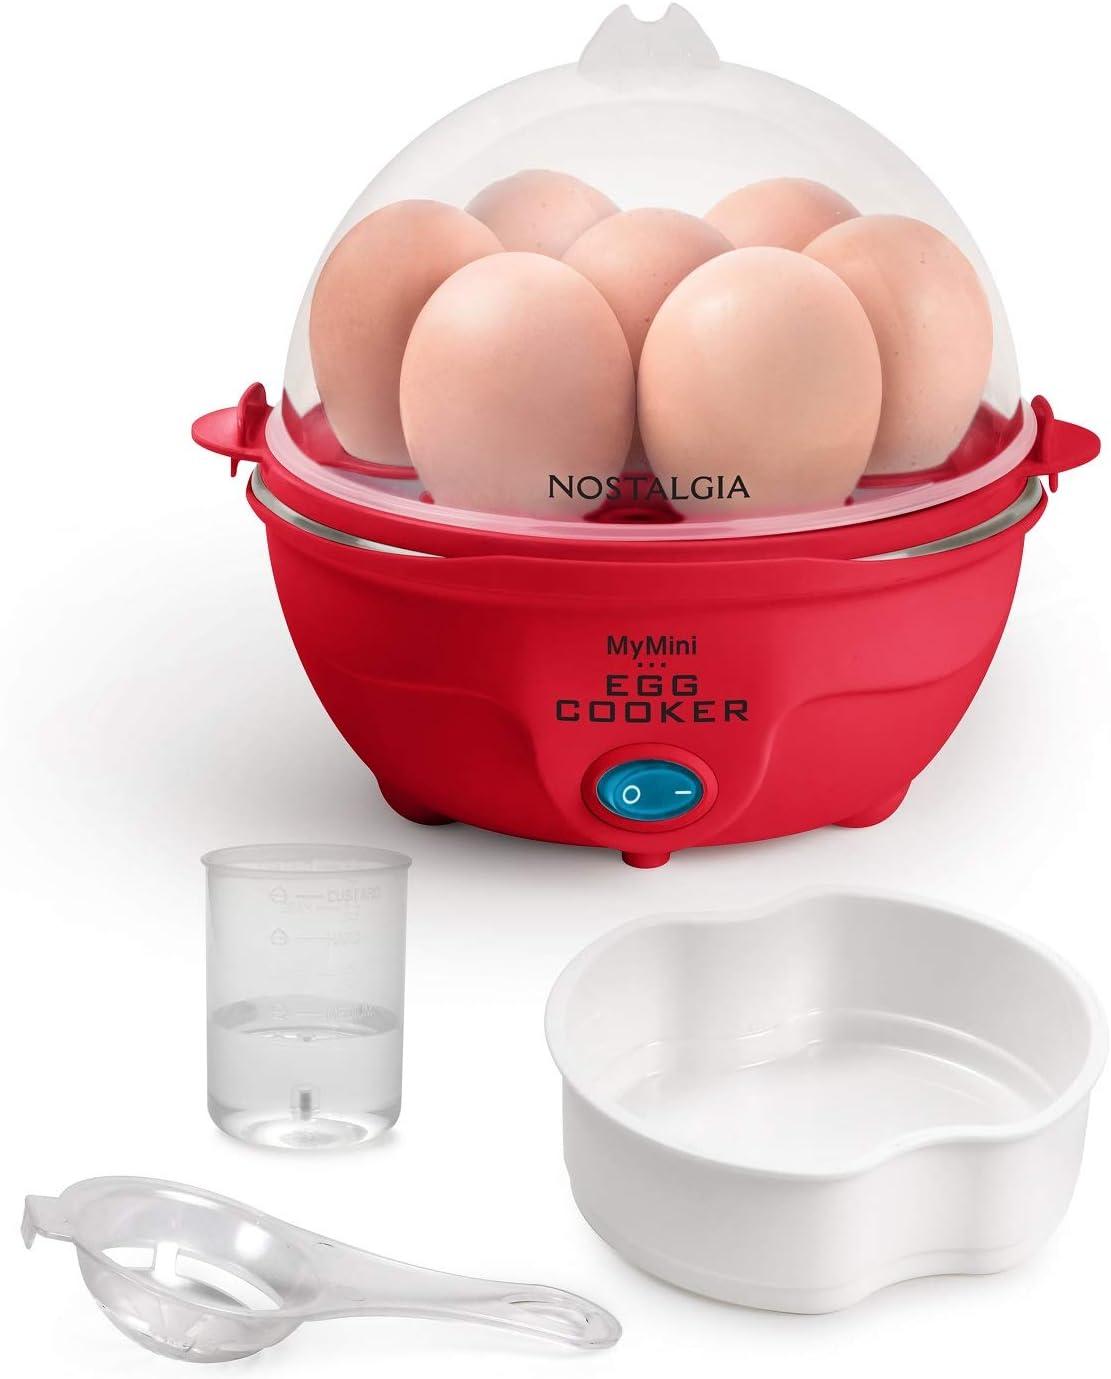 Red Nostalgia MyMini 7 Egg Cooker makes 7 soft medium or hard boiled eggs egg bowls includes egg white separator